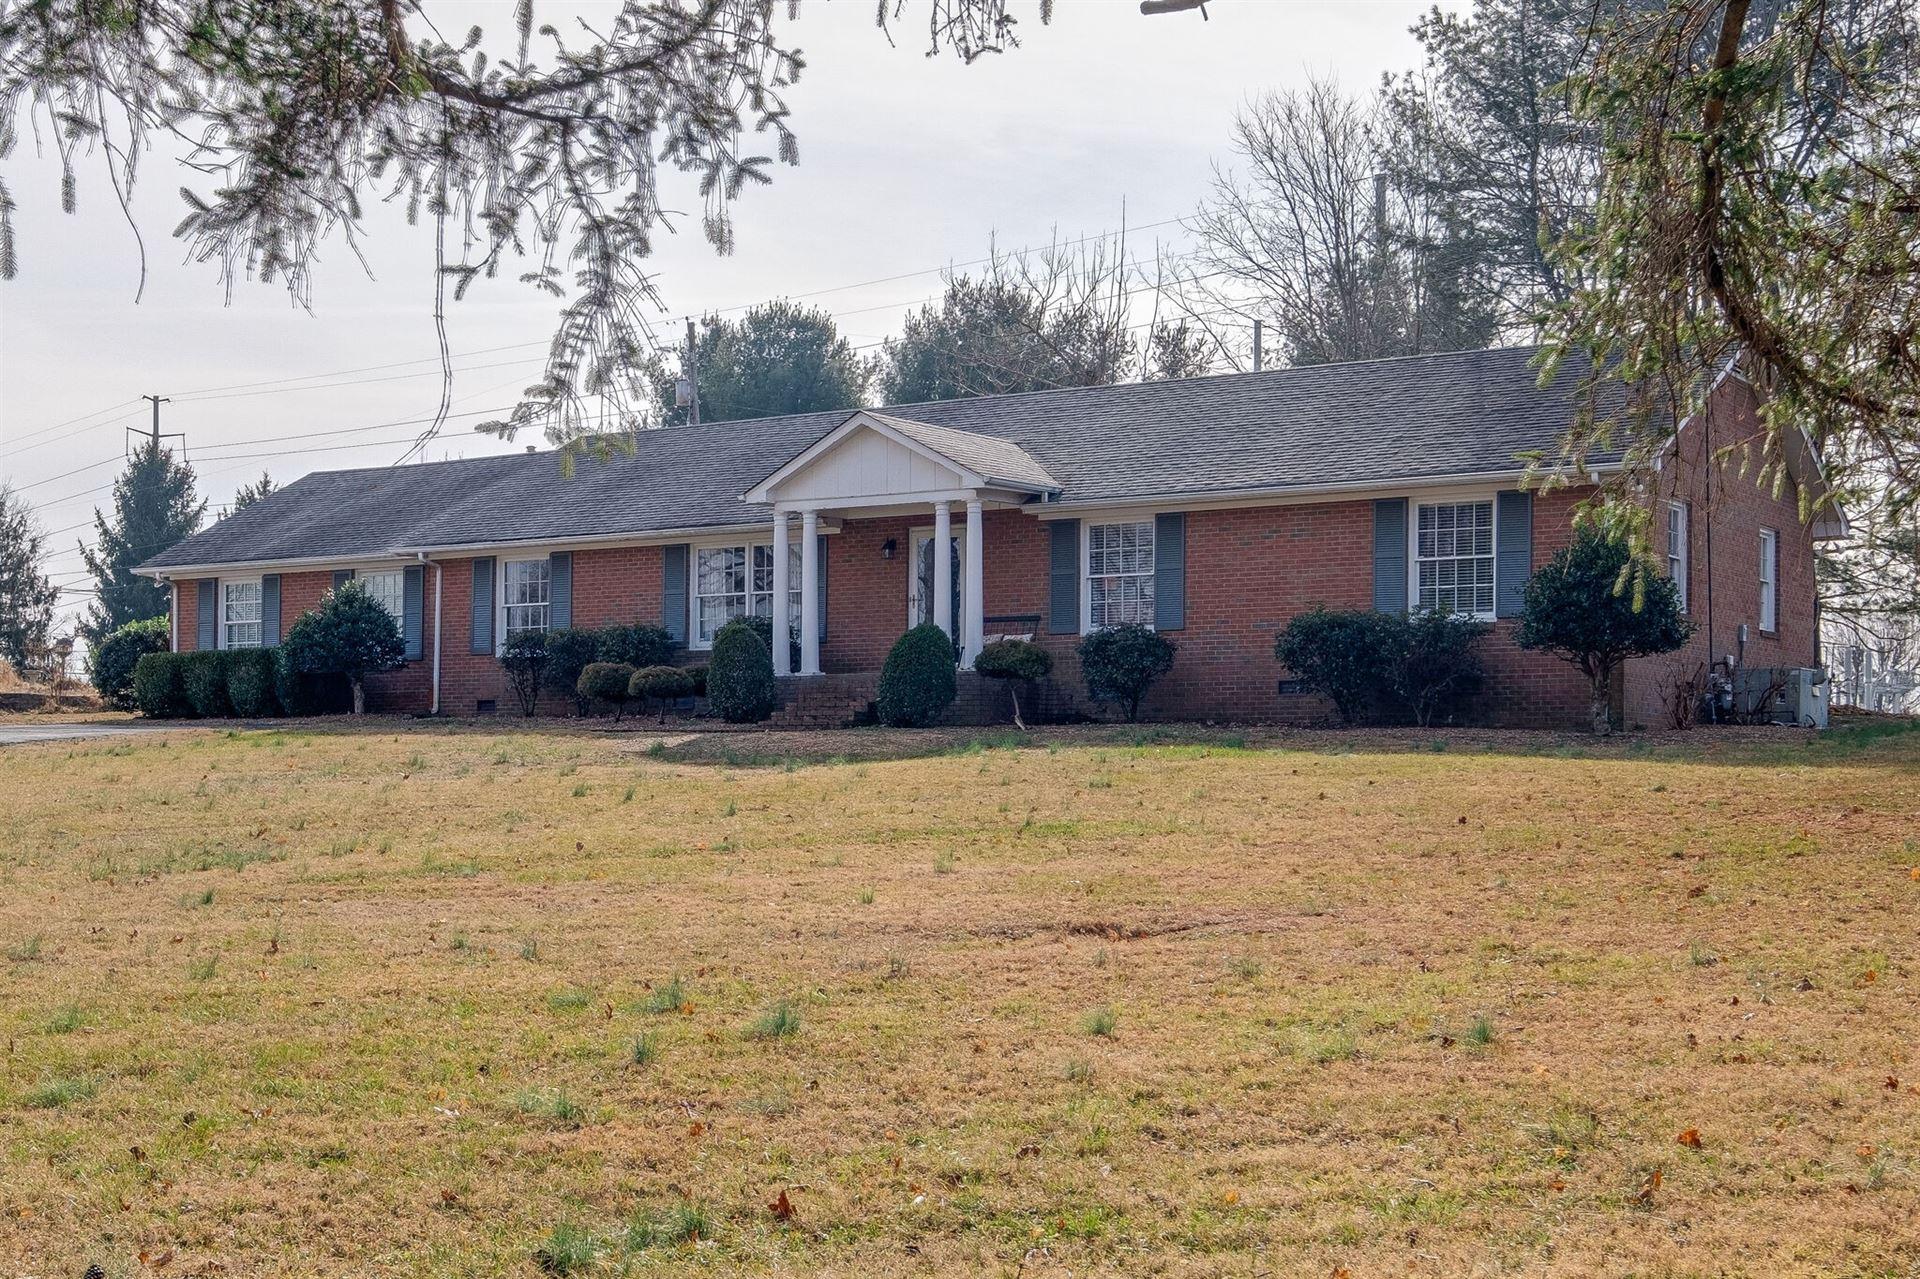 1994 Craigmont Blvd, Clarksville, TN 37043 - MLS#: 2218763